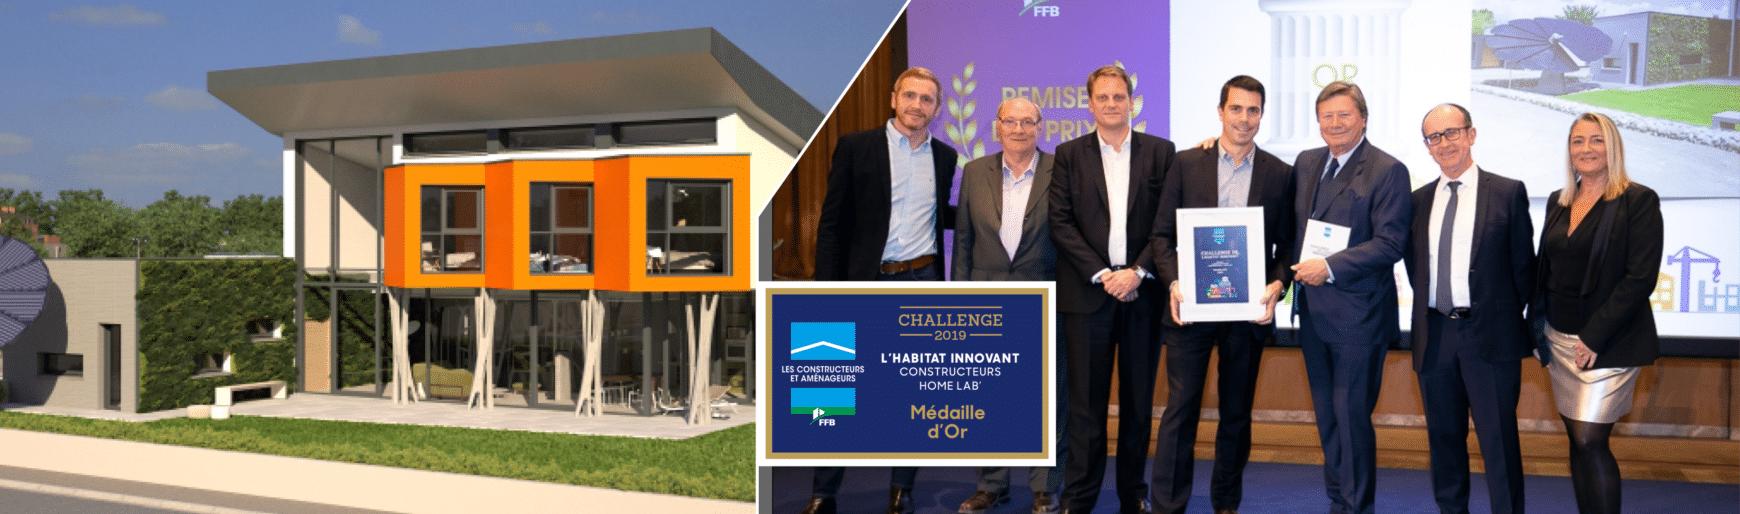 Médaille d'Or au Challenge Habitat Innovant